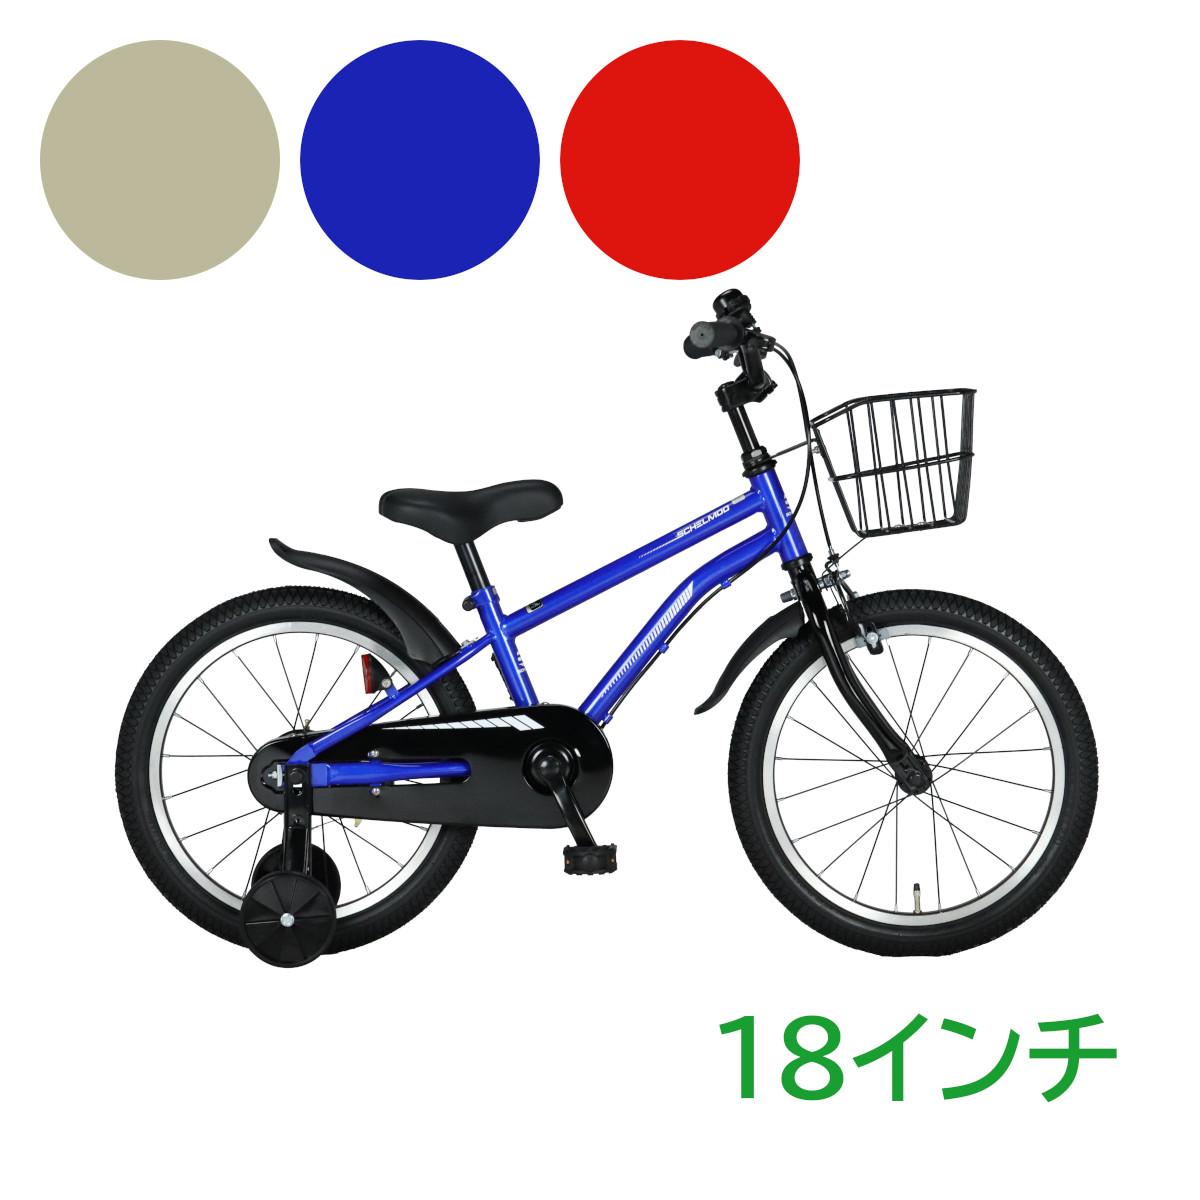 本州 送料無料 補助輪 カゴ 全国一律送料無料 高額売筋 子ども キッズ ジュニア自転車 幼児車 アイトン サンド ブルー レッド SCHELMOO-B18